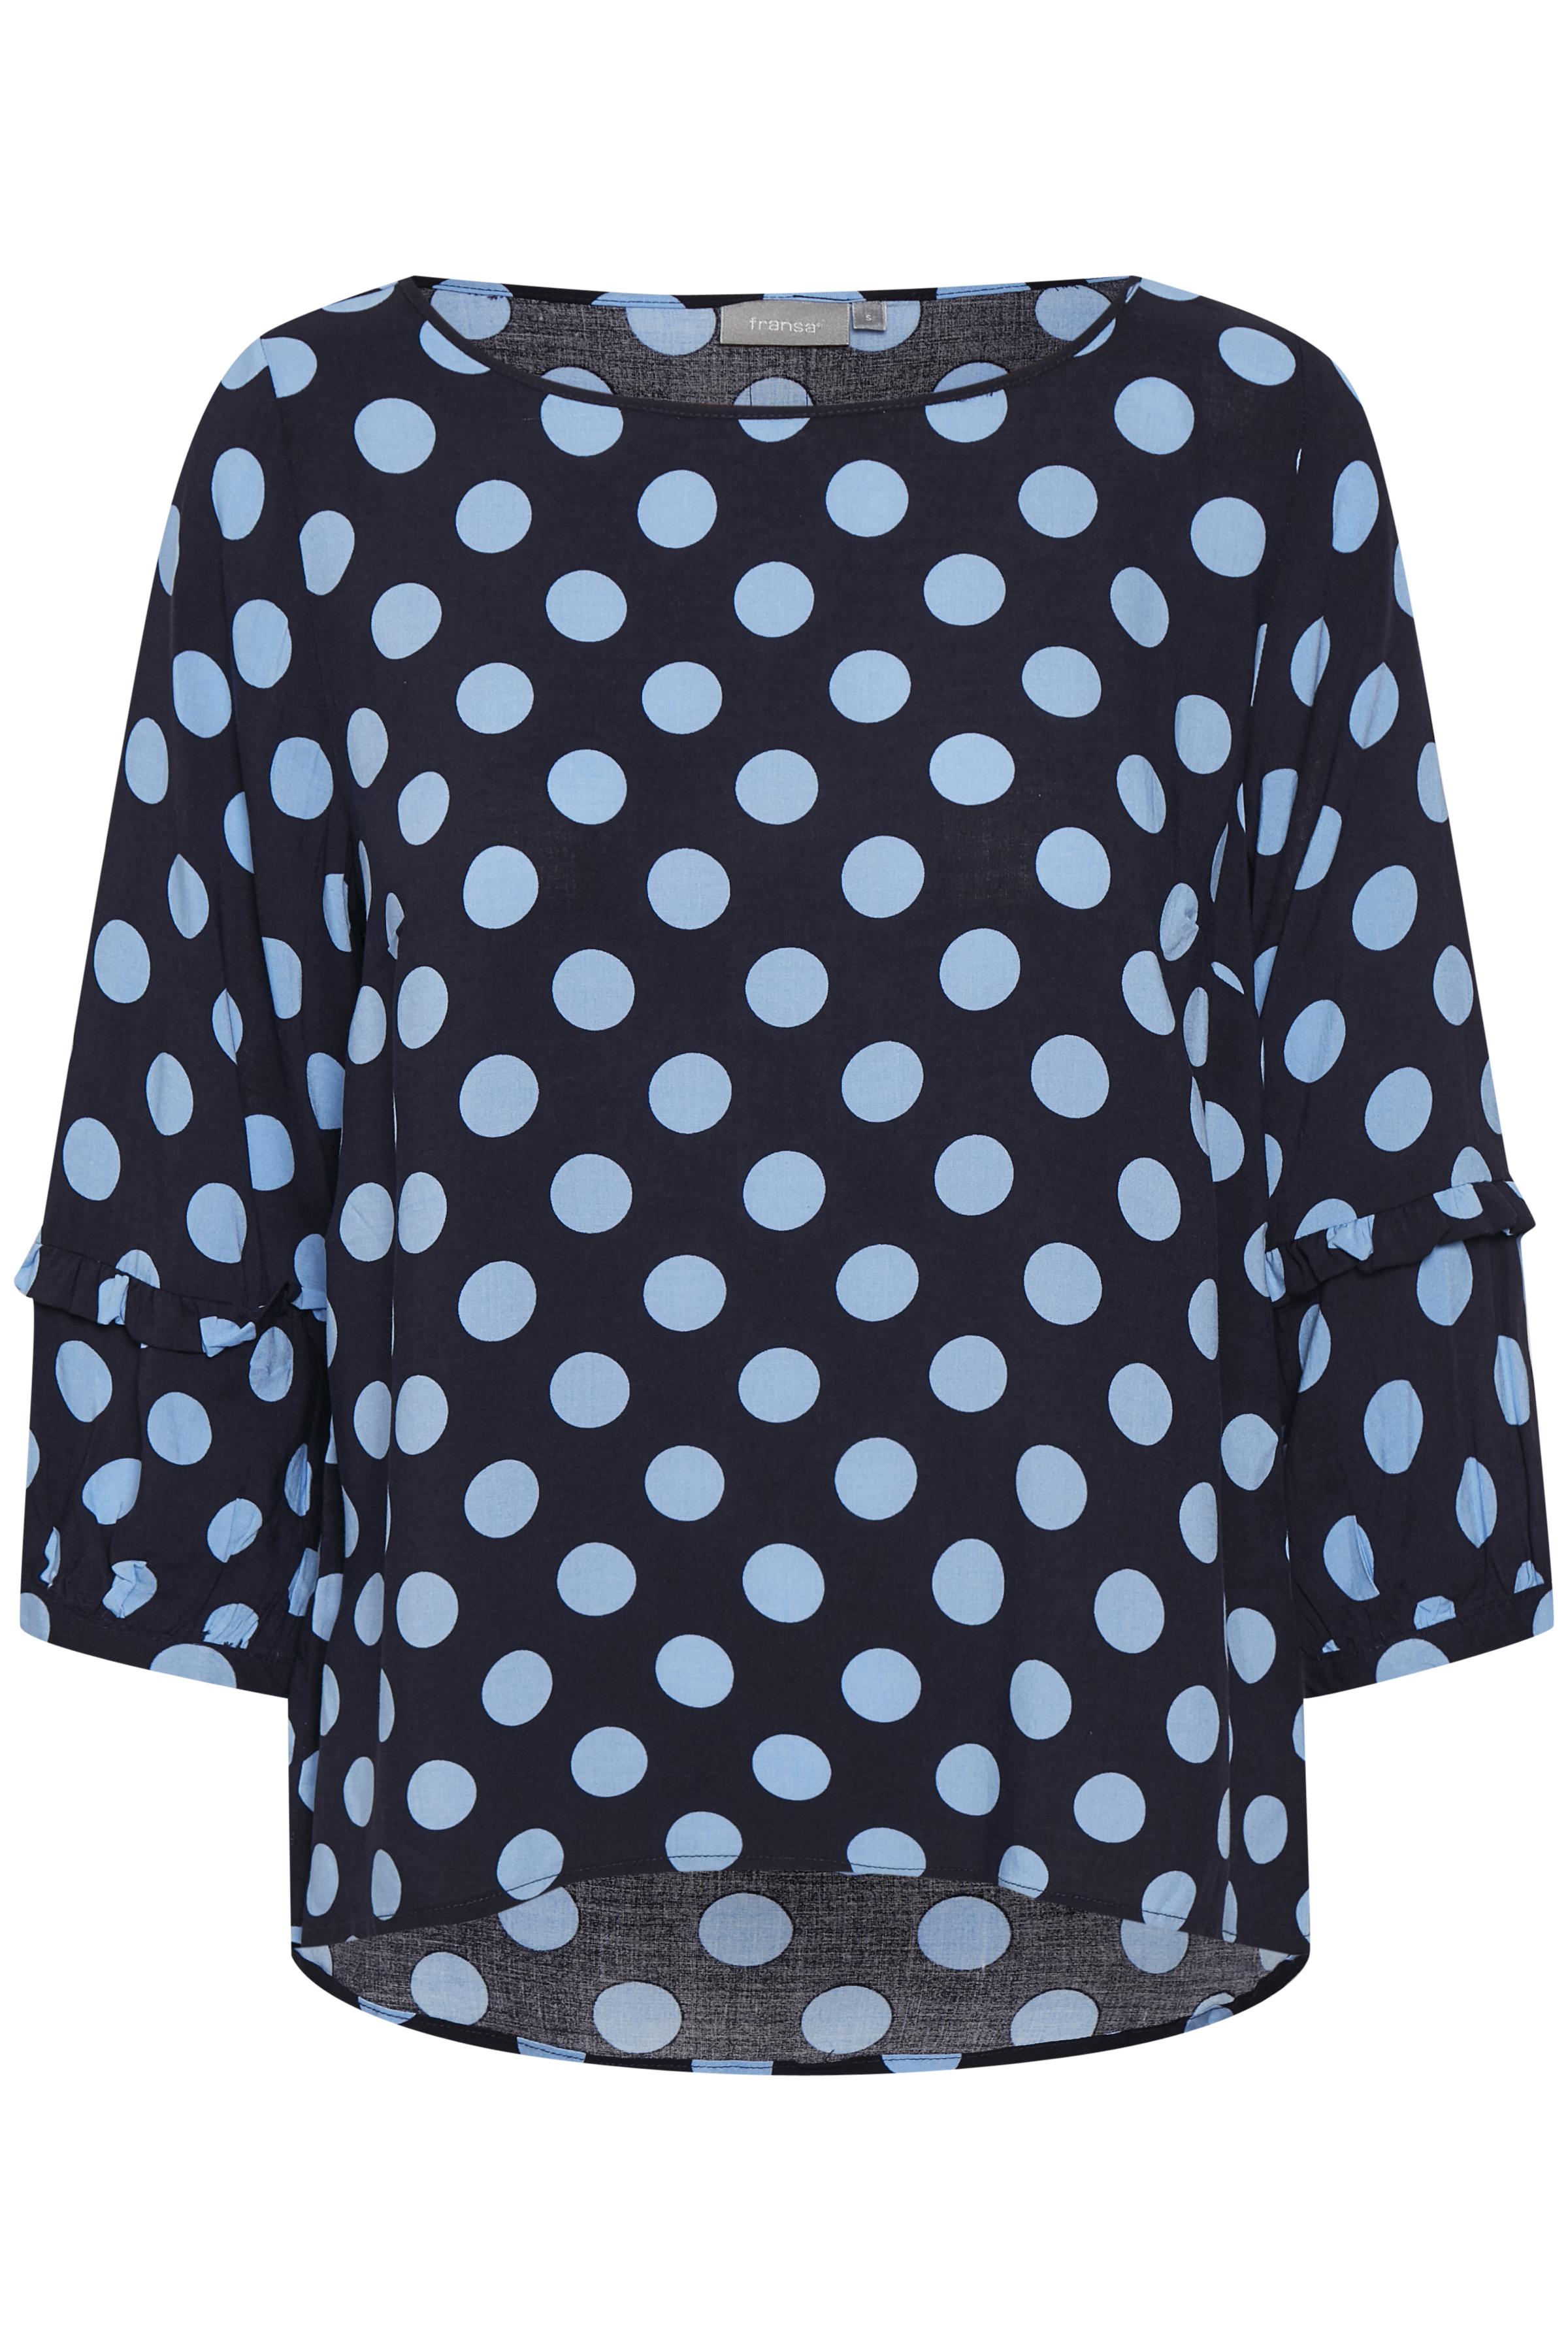 Marineblau/staubblau Kurzarm-Bluse von Fransa – Shoppen Sie Marineblau/staubblau Kurzarm-Bluse ab Gr. XS-XXL hier